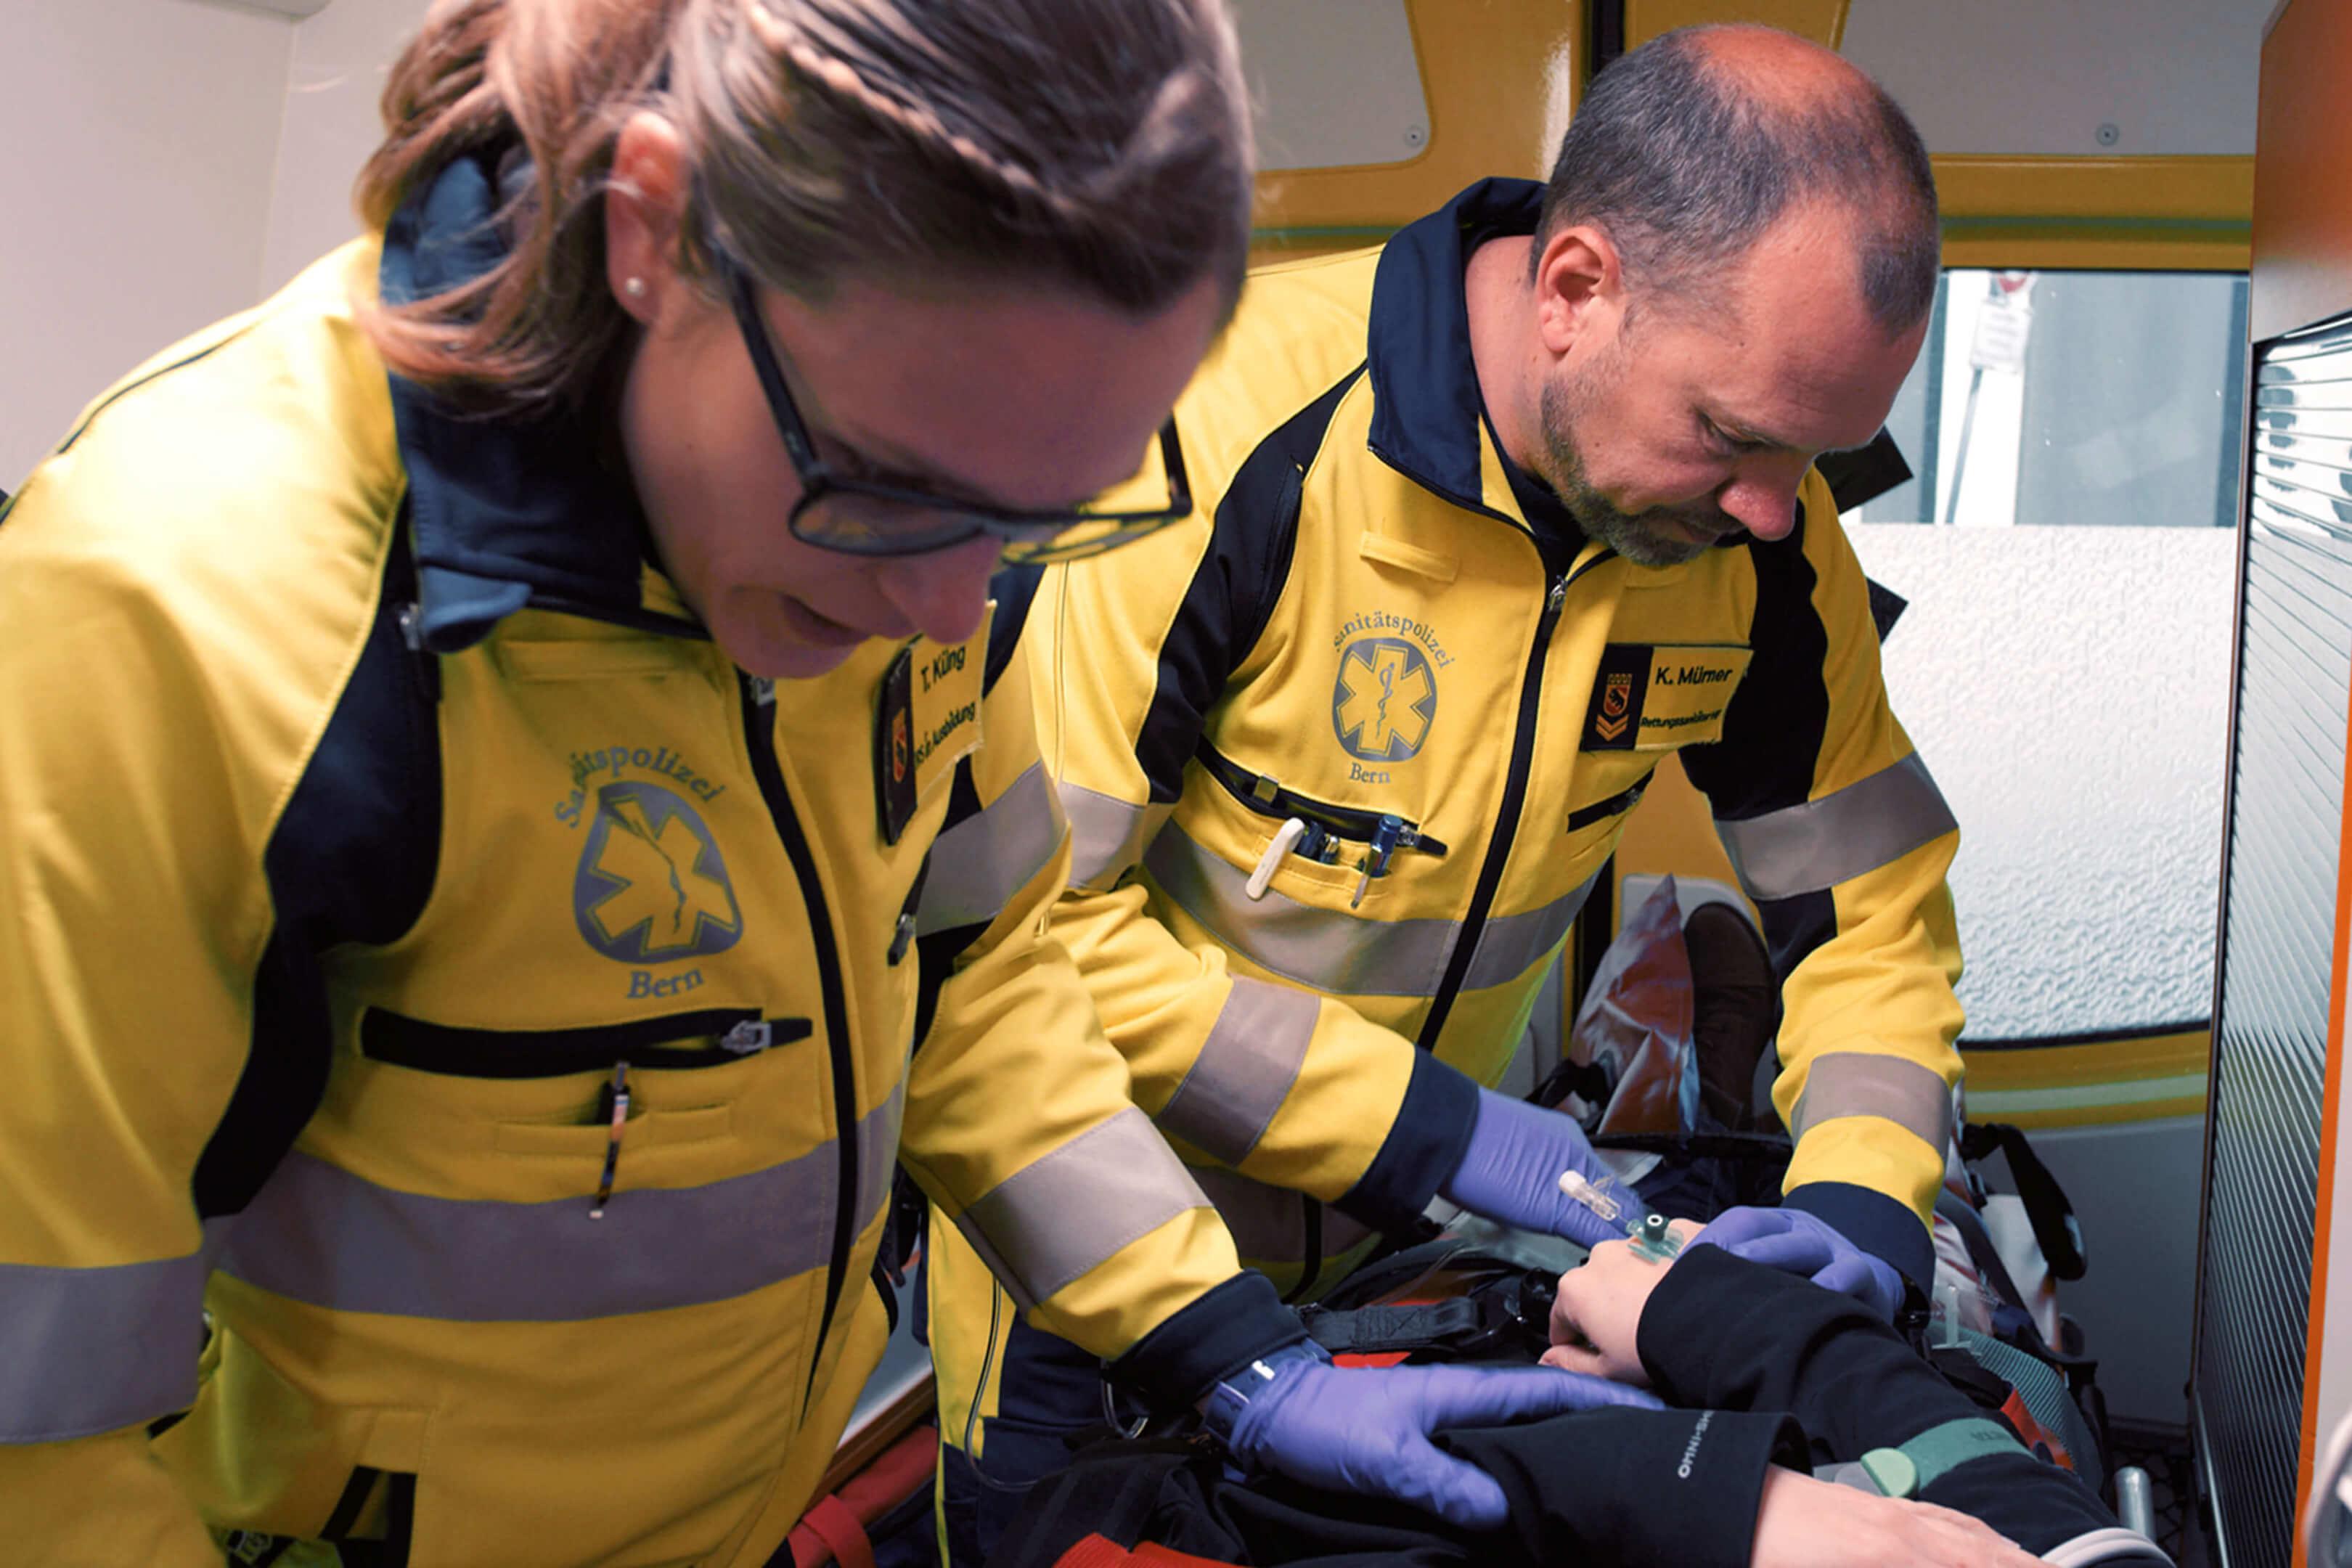 Rettungssanitäter_in HF